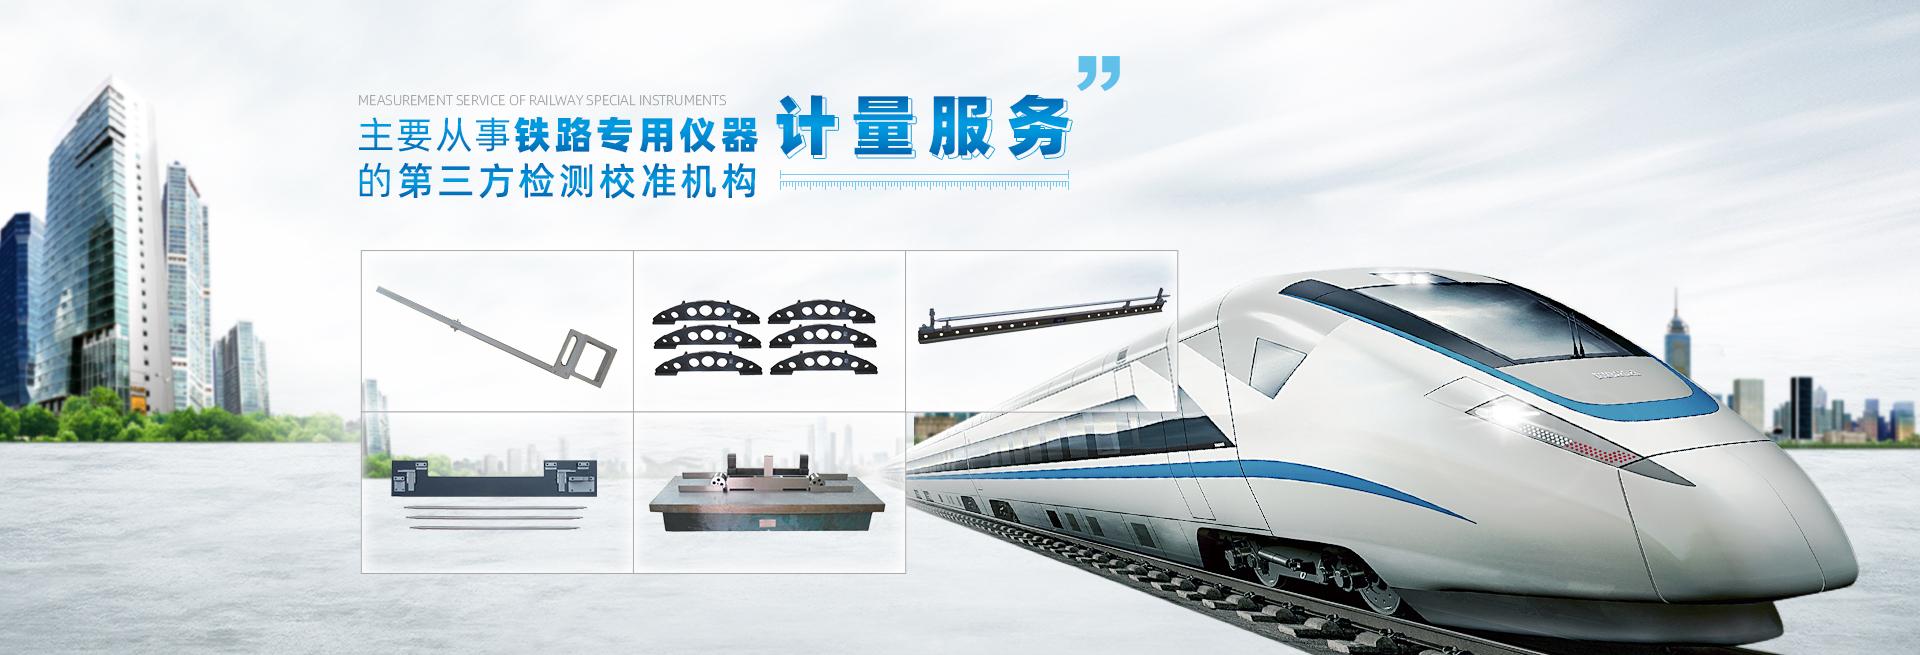 广西计量检测_铁路计量检测_长度精密检测